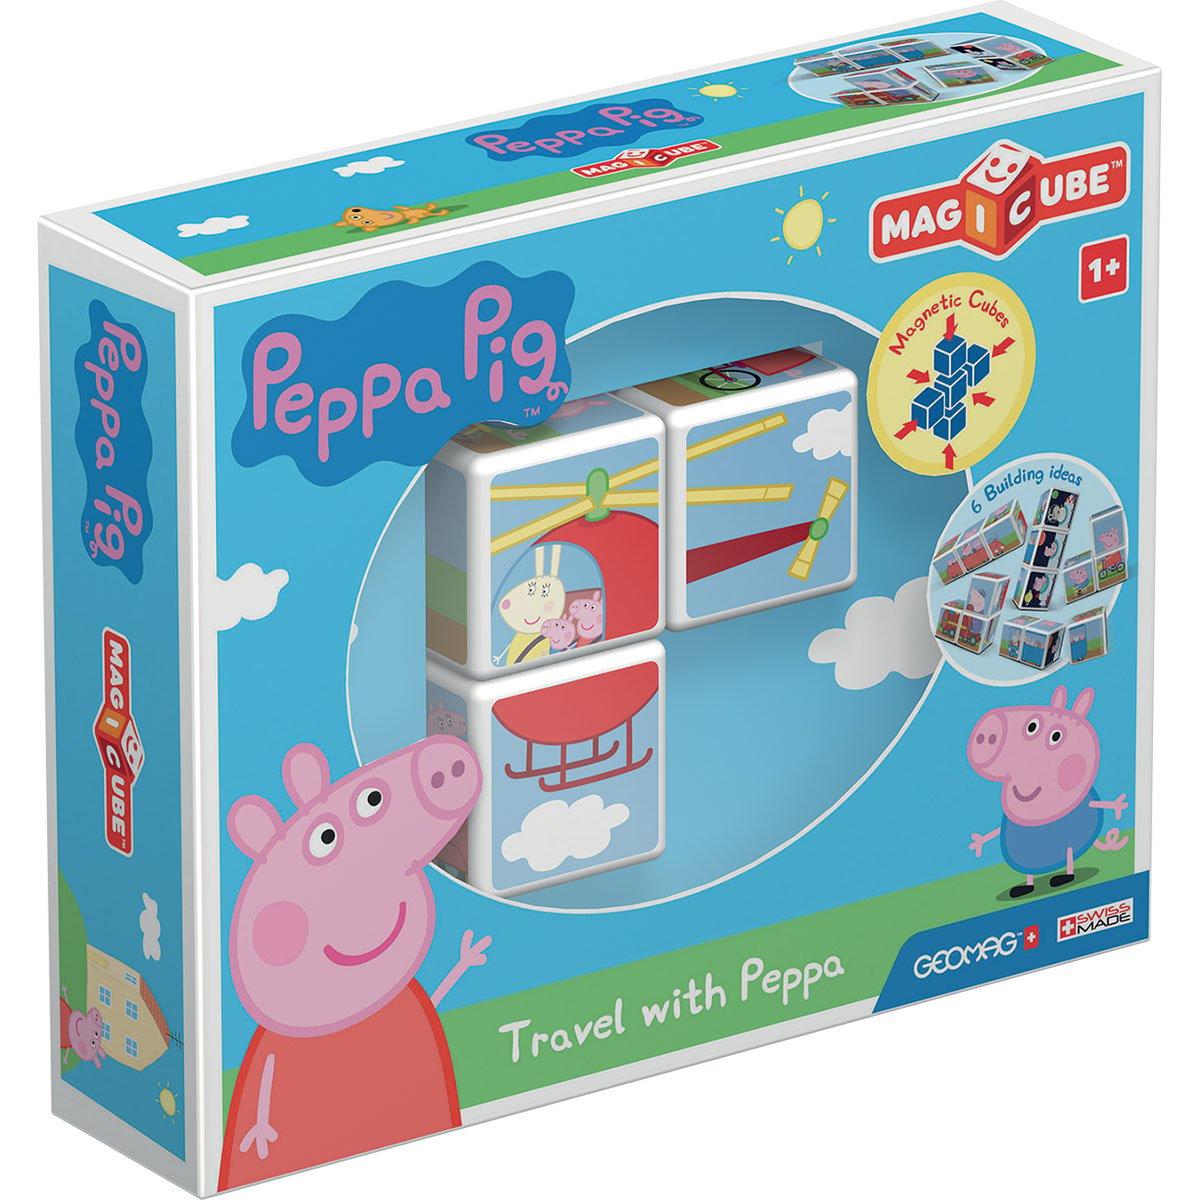 Joc de constructie magnetic Magic Cube, Peppa Pig Travel